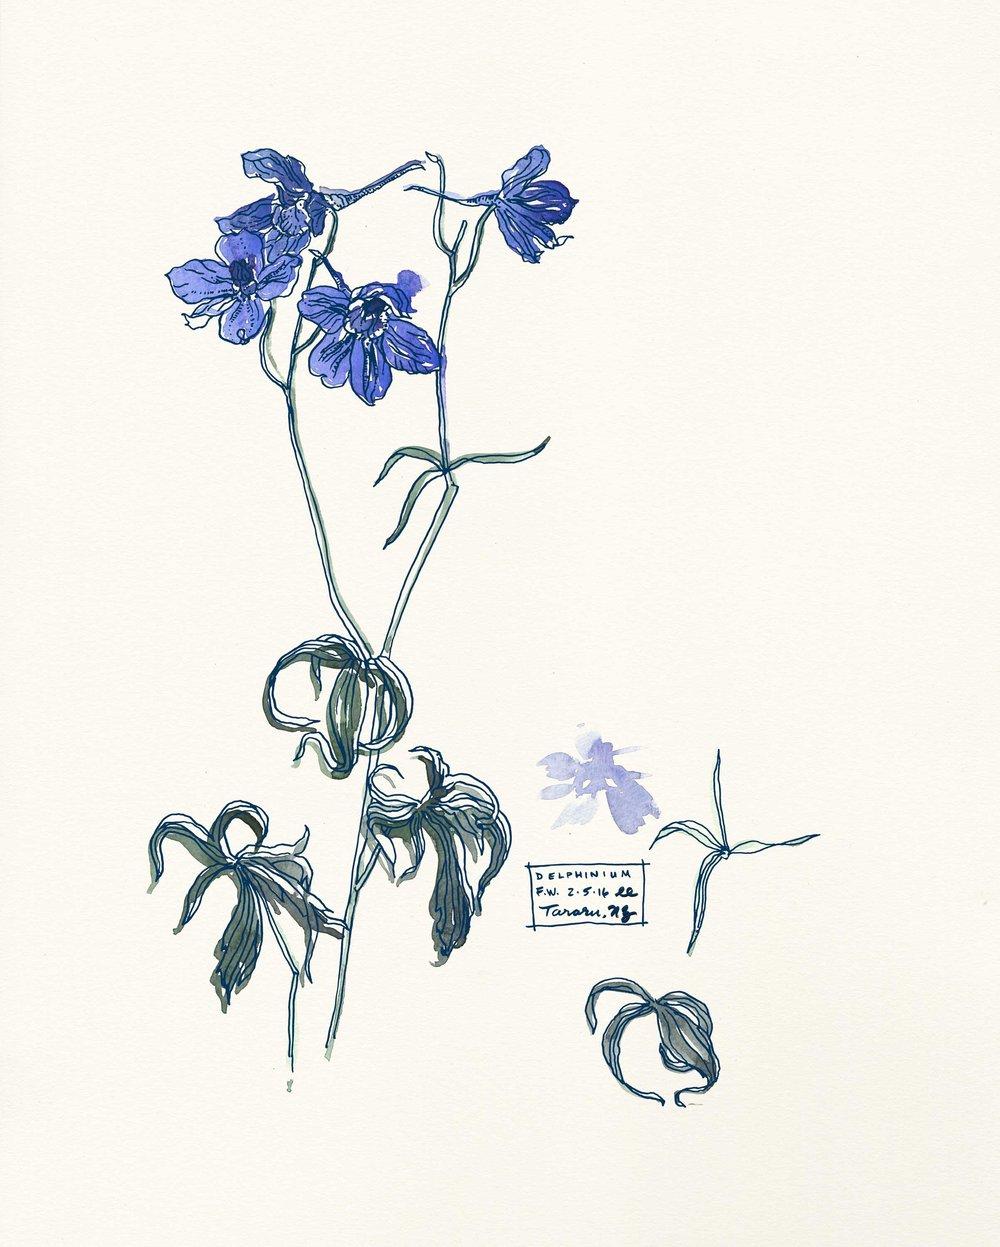 Delphinium Botanical Illustration